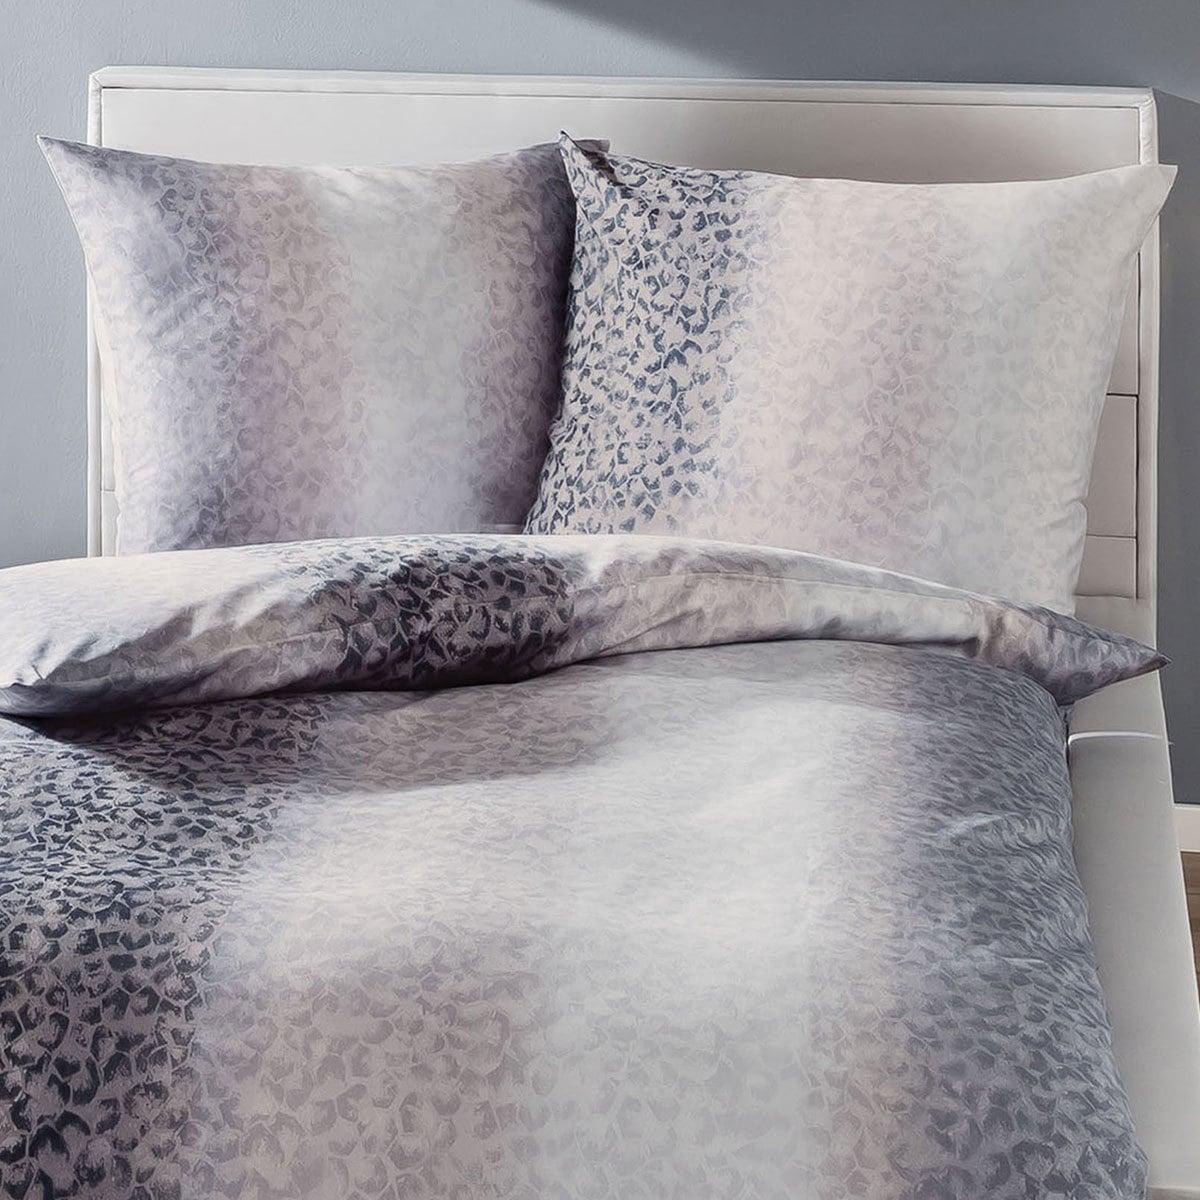 kaeppel biber bettw sche facetten grau g nstig online kaufen bei bettwaren shop. Black Bedroom Furniture Sets. Home Design Ideas